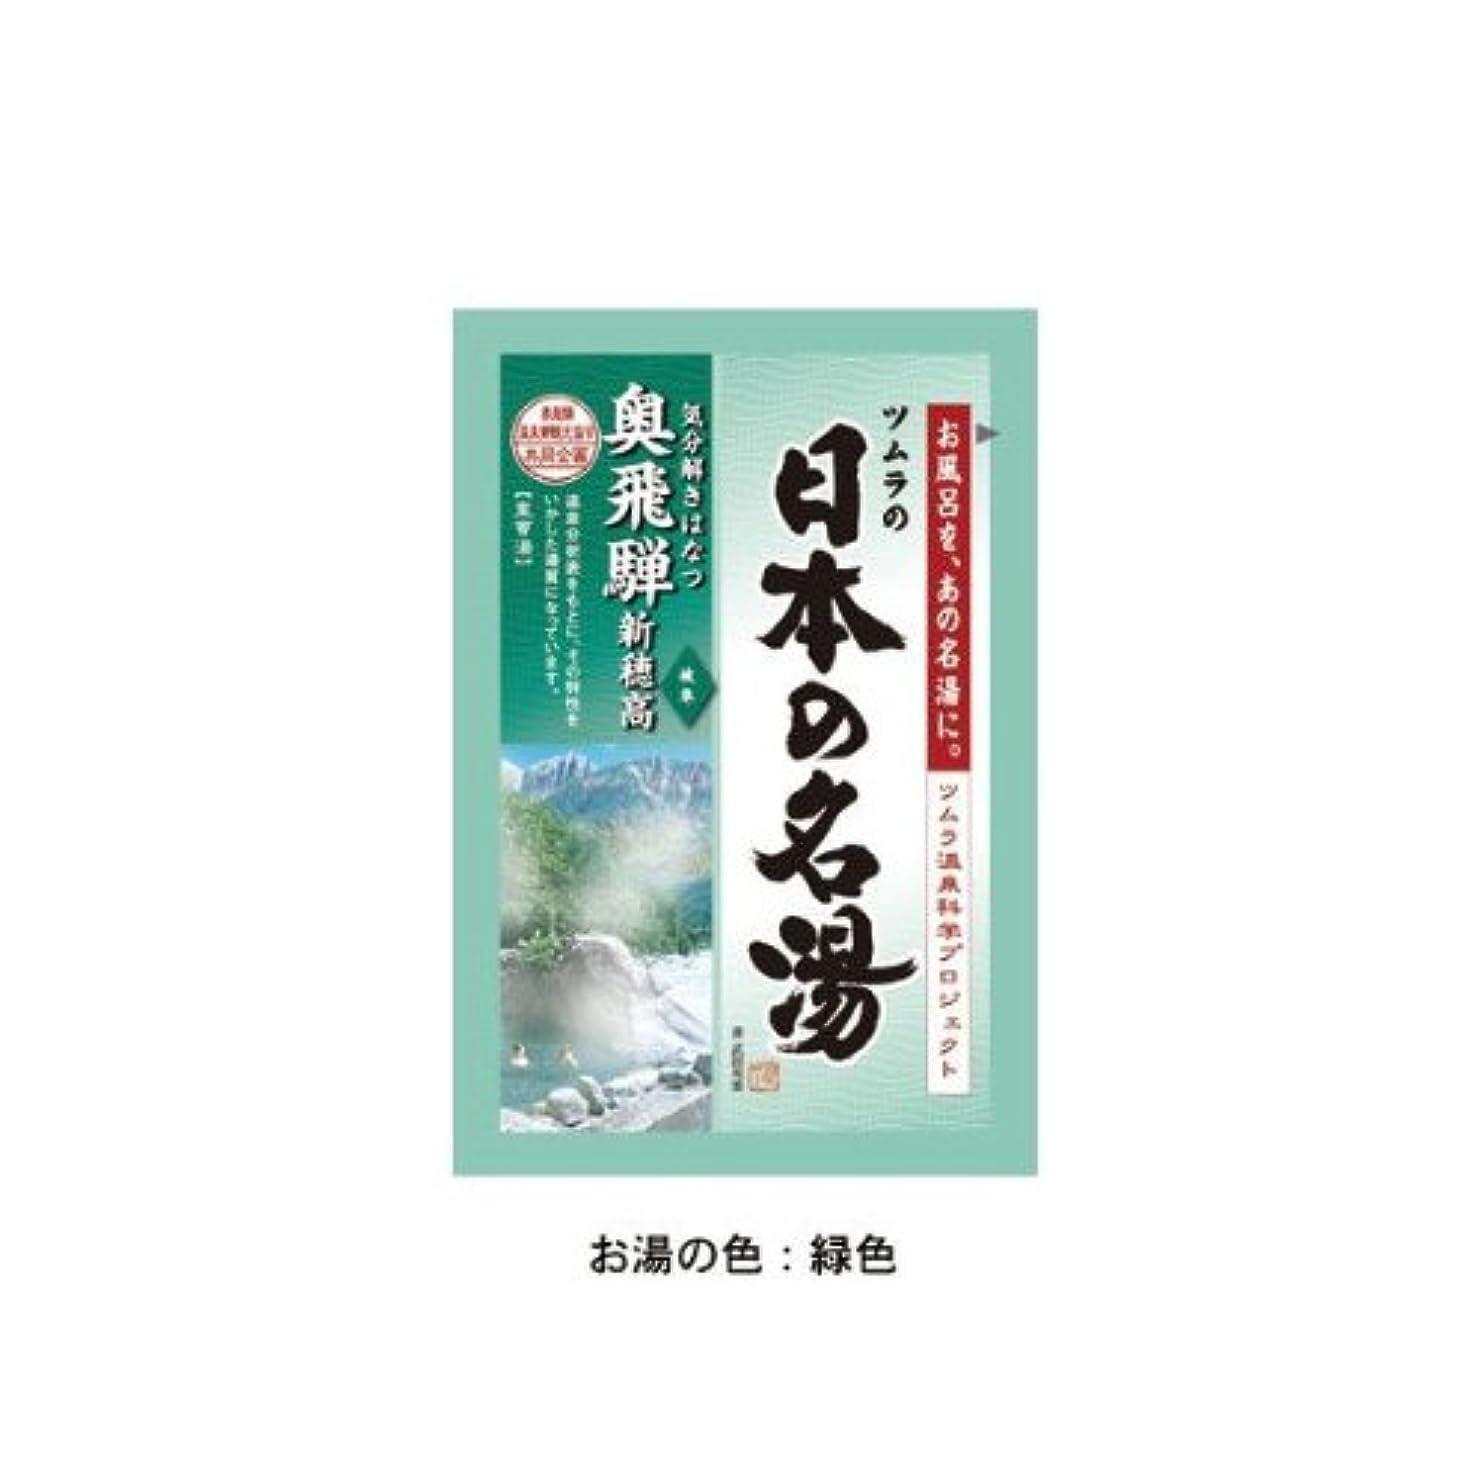 ツムラの日本の名湯 奥飛騨新穂高